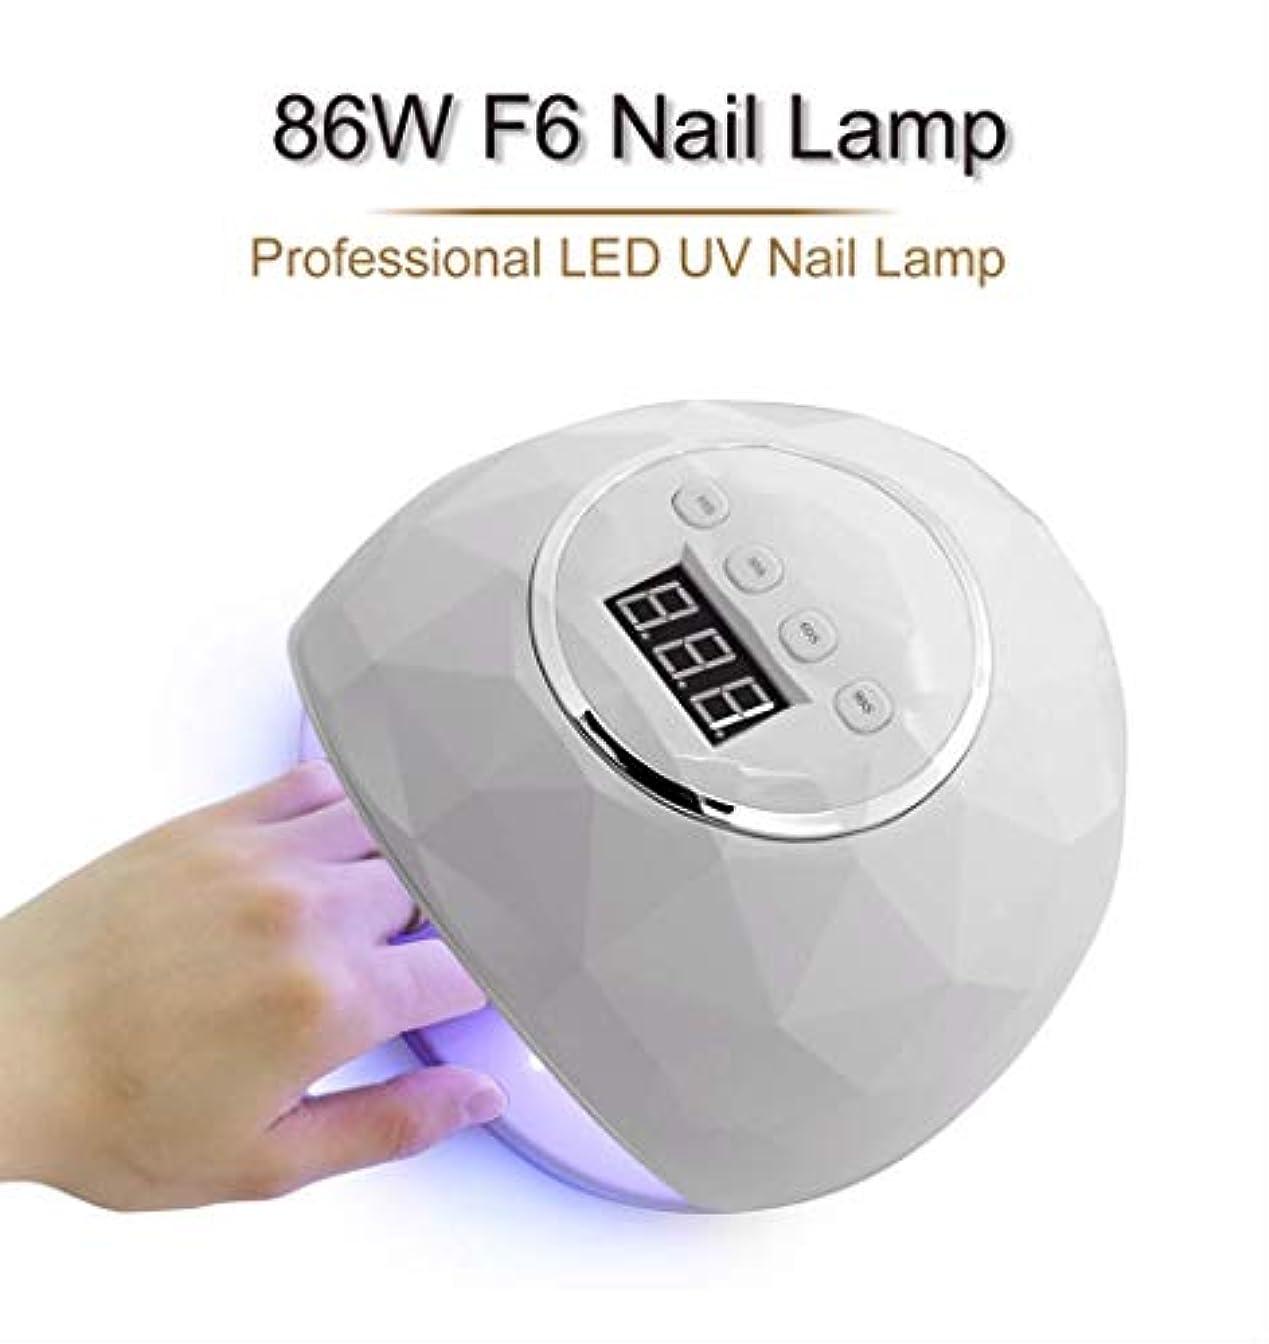 投げ捨てる等しいレキシコンセンサータイマーLCDディスプレイによる硬化UVジェルネイルポリッシュ用RRSHUN 86ワット紫外線吸収LEDランプネイルドライヤー39のLeddualハンズネイルランプ